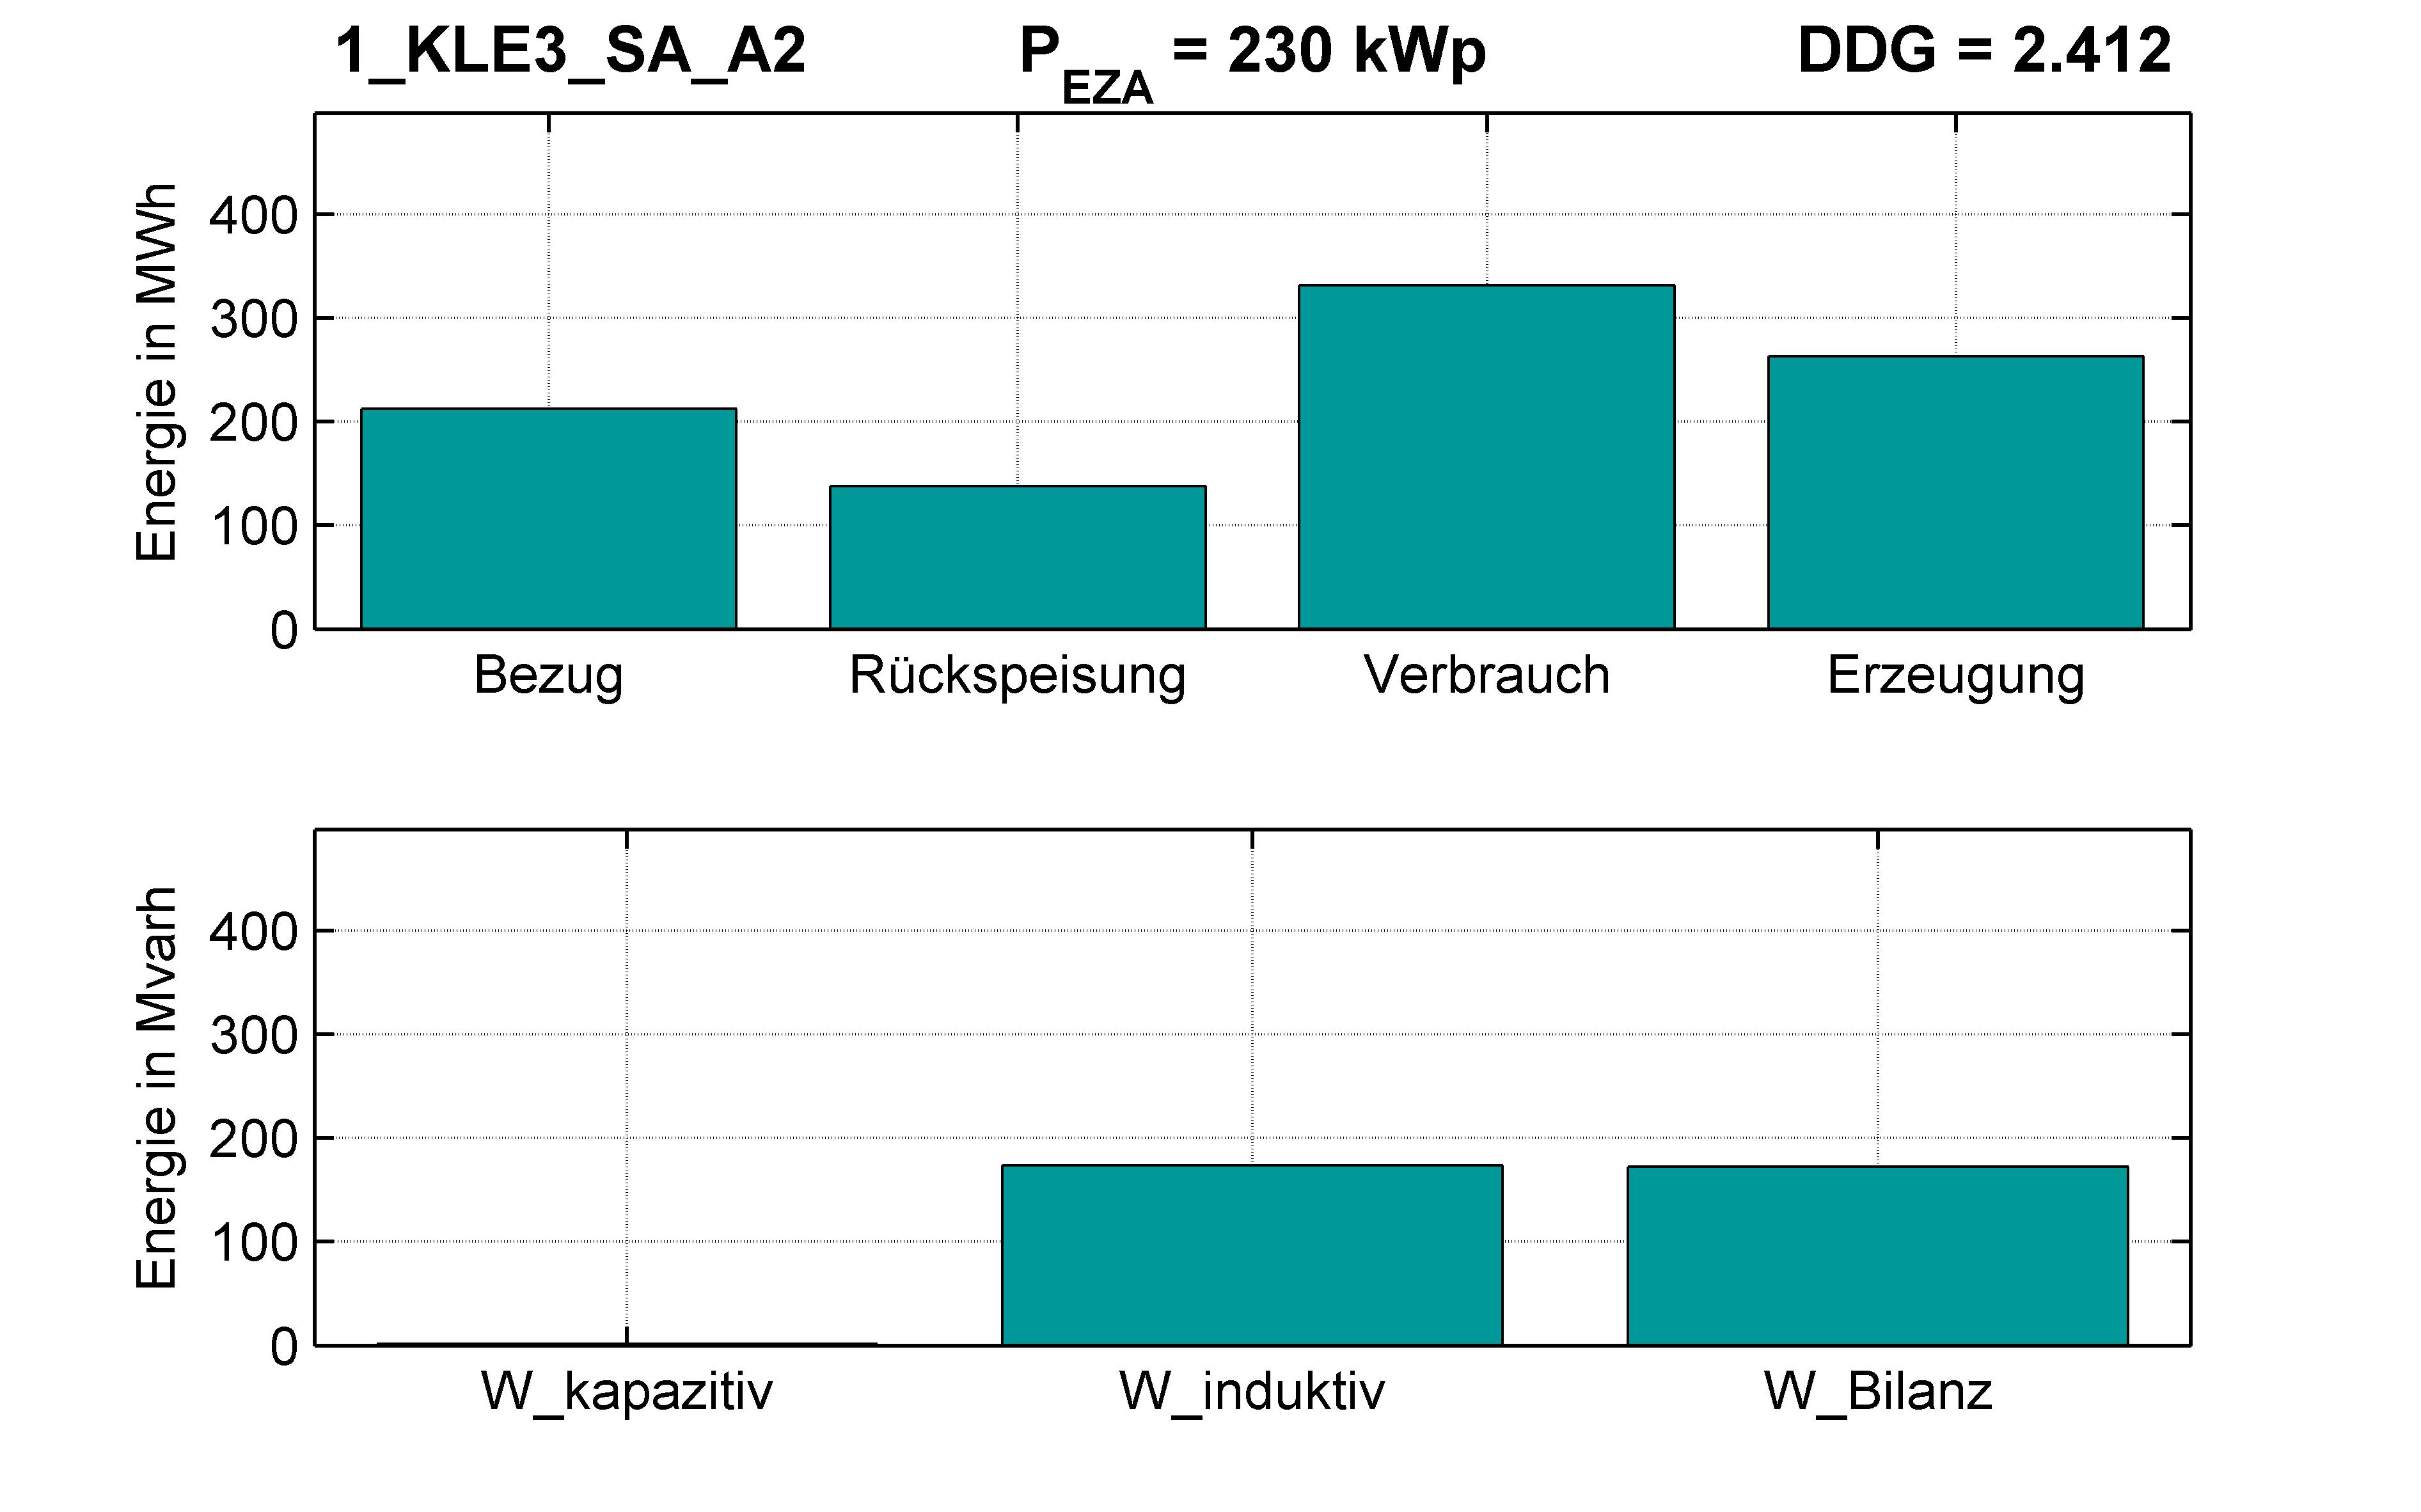 KLE3 | KABEL (SA) A2 | PQ-Bilanz